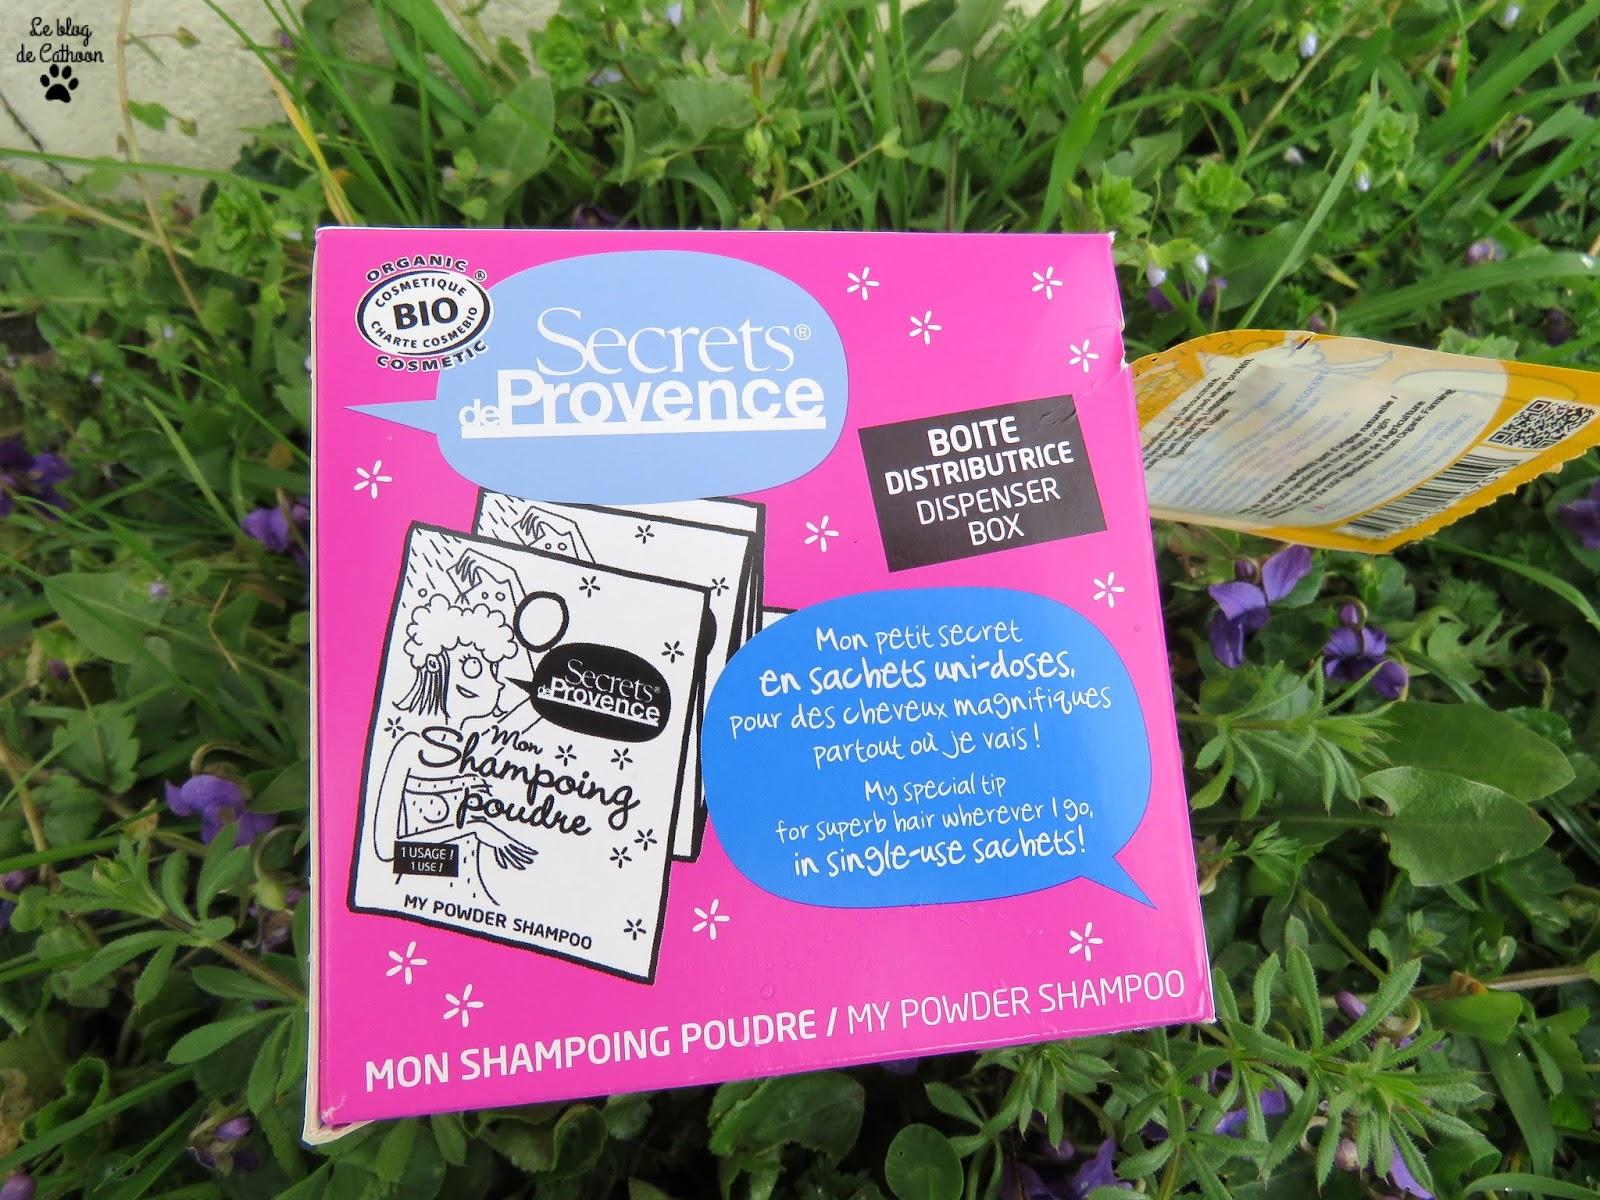 Mon Shampoing Poudre - Cheveux Normaux - Secrets de Provence